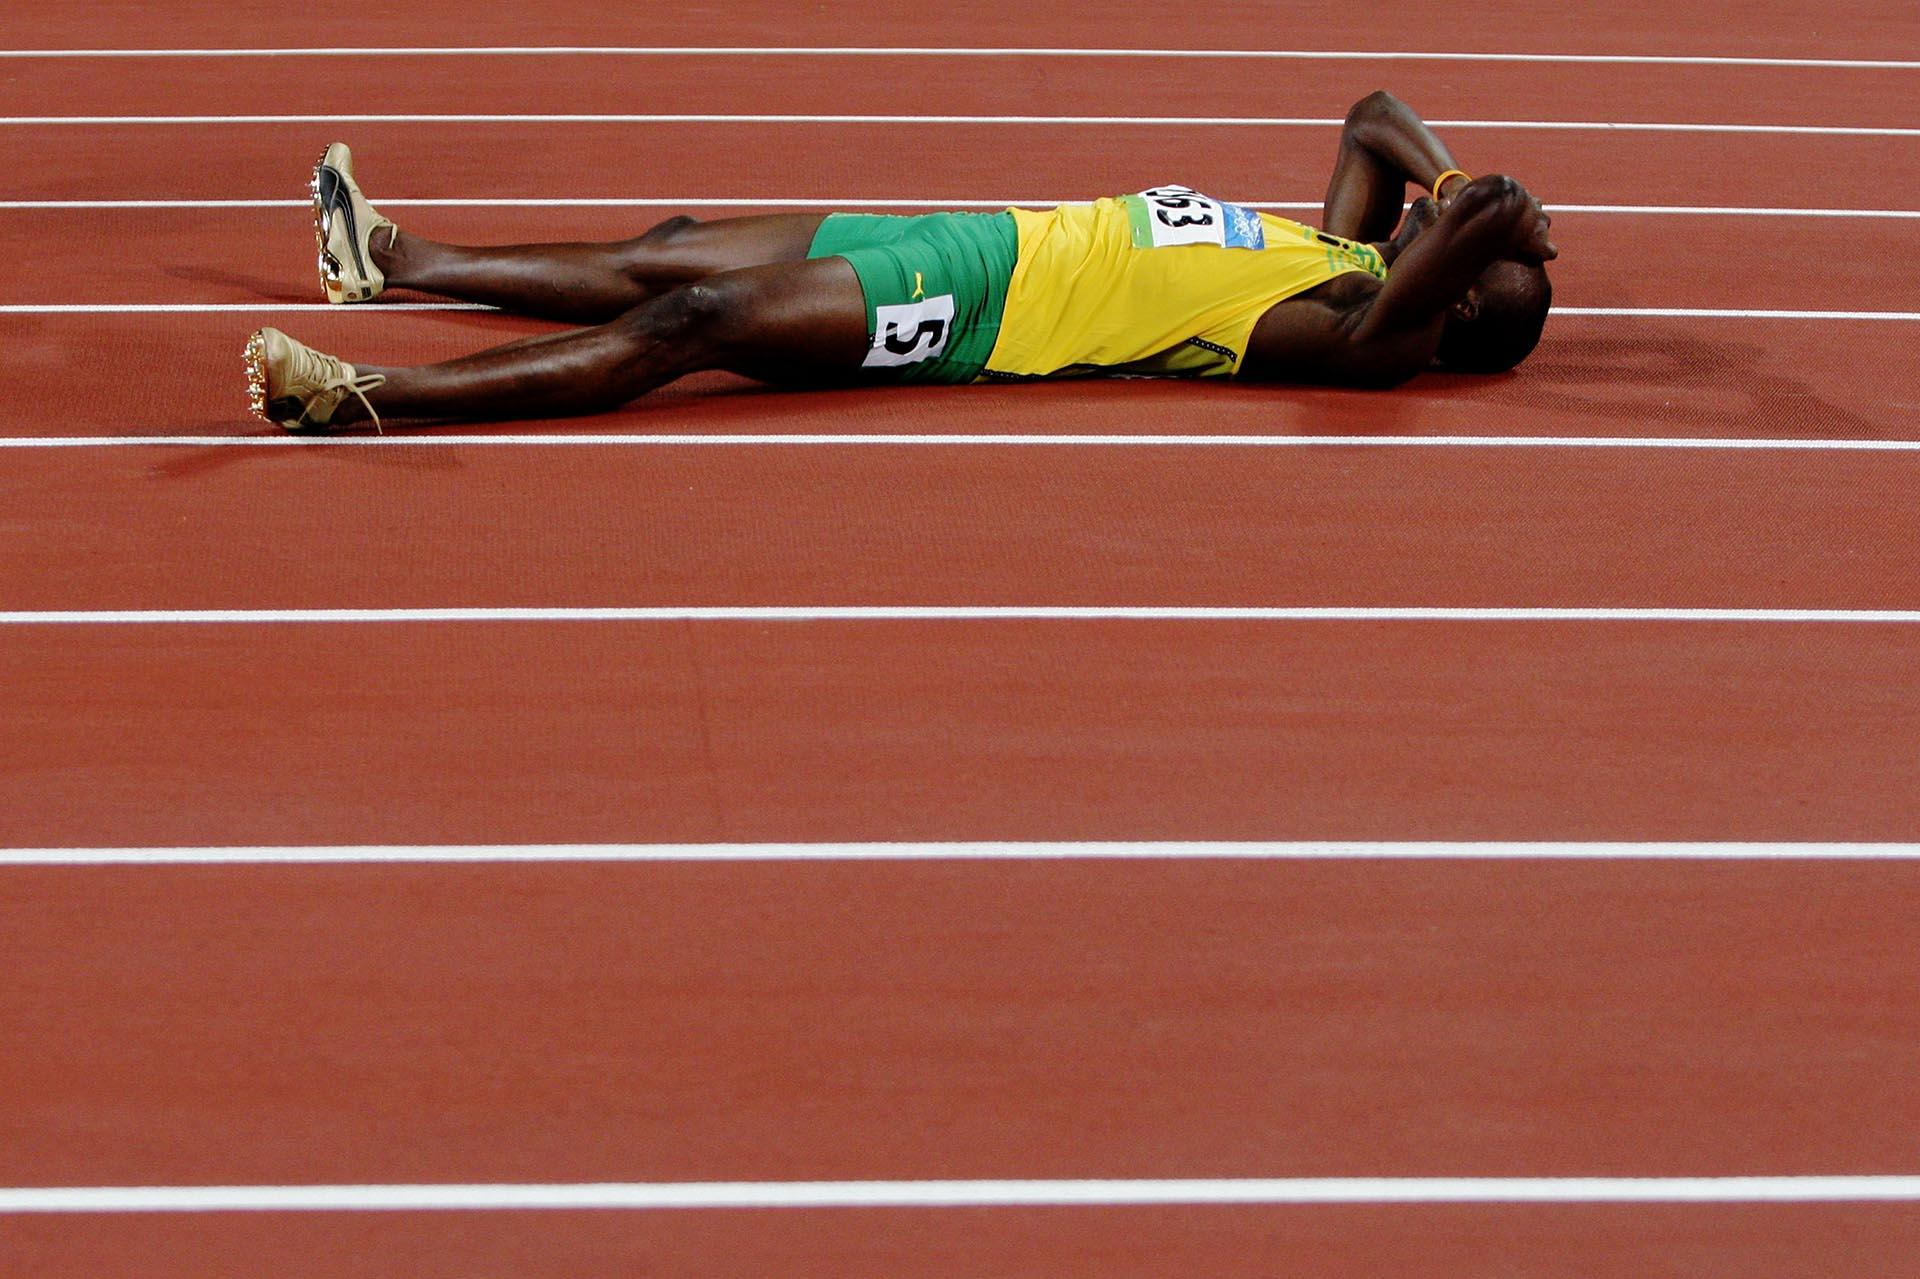 Bolt, emocionado en la pista tras quebrar el récord de los 200 metros con un tiempo de 19,30 segundos y ganar su segunda medalla dorada en los Juegos Olímpicos 2008 (Getty Images)